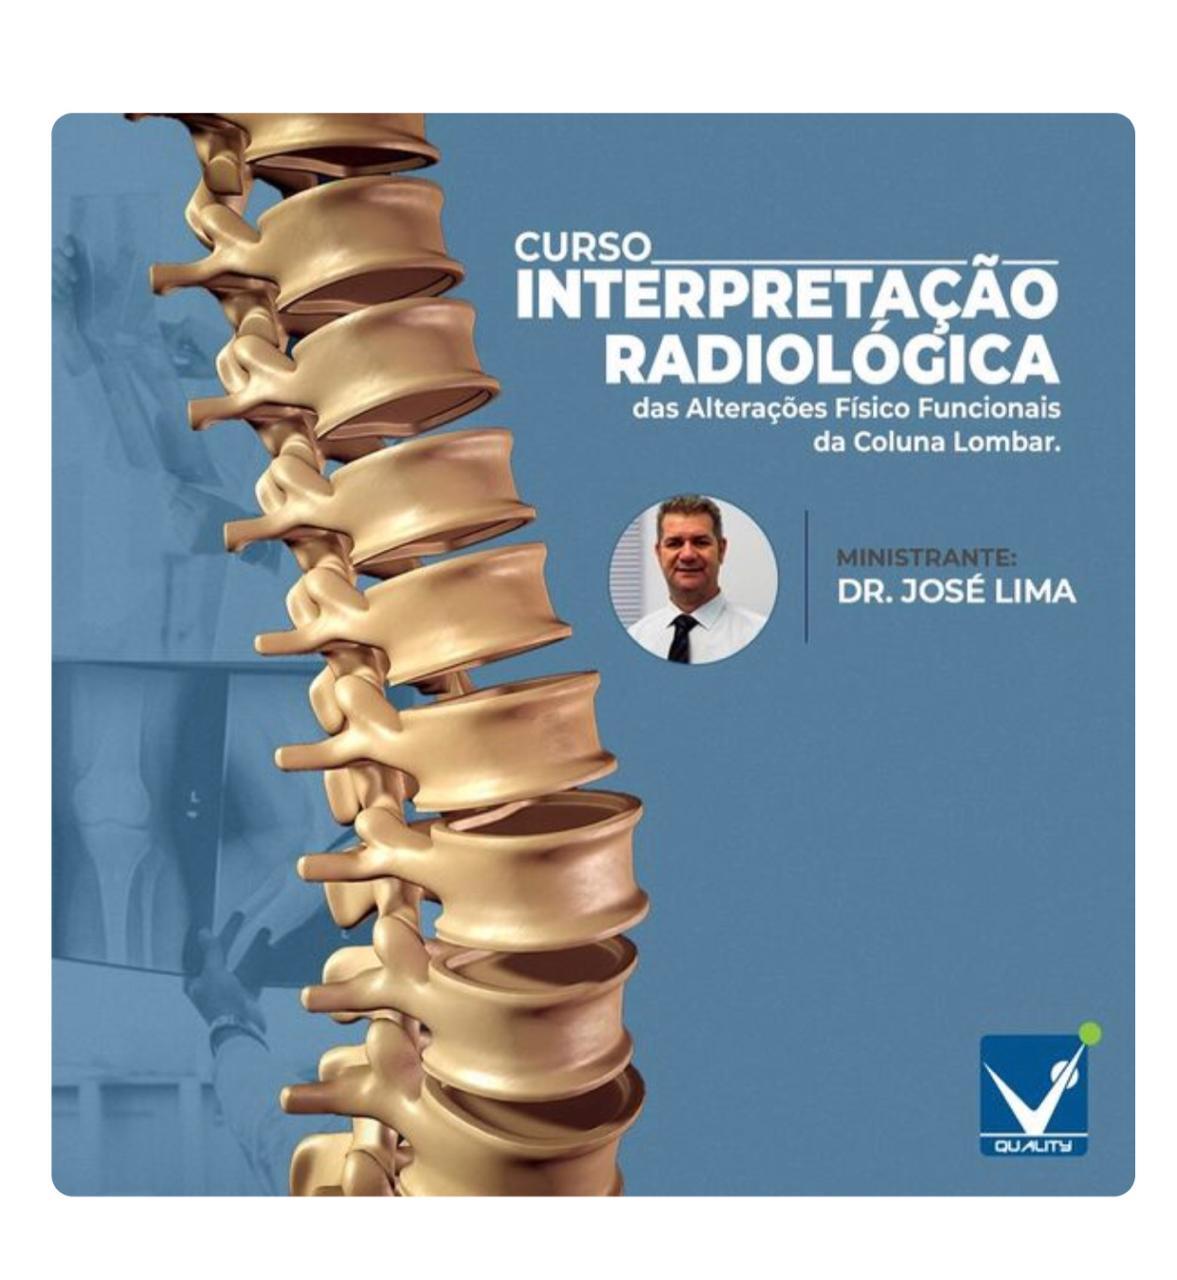 Curso de interpretação Radiológica das alterações físico funcionais da coluna Lombar